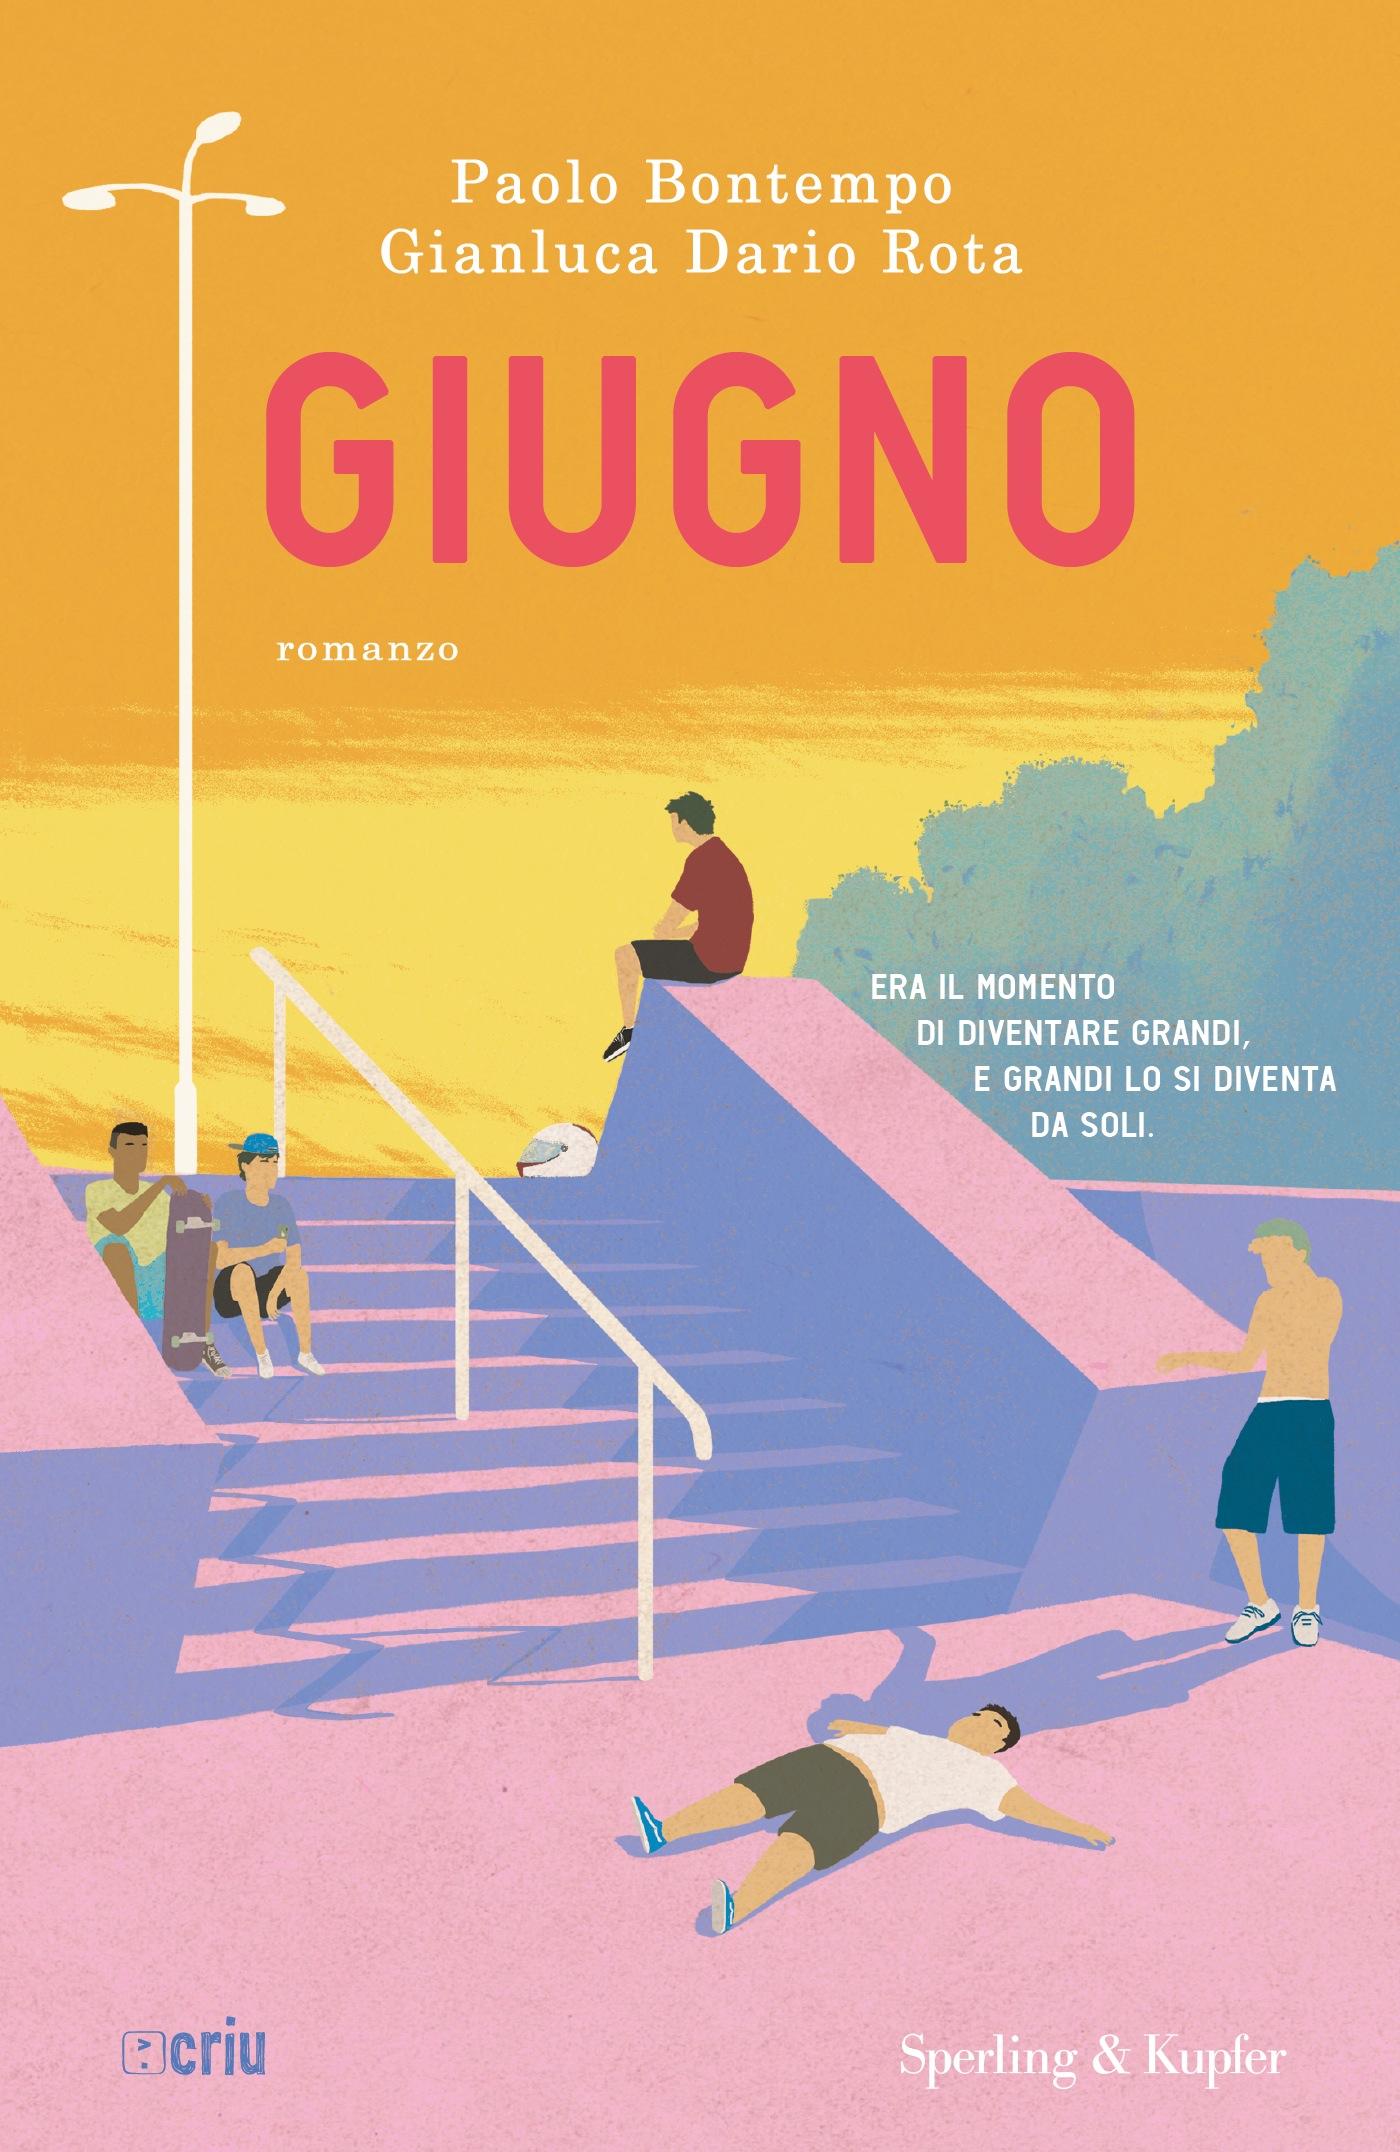 Giugno (June)